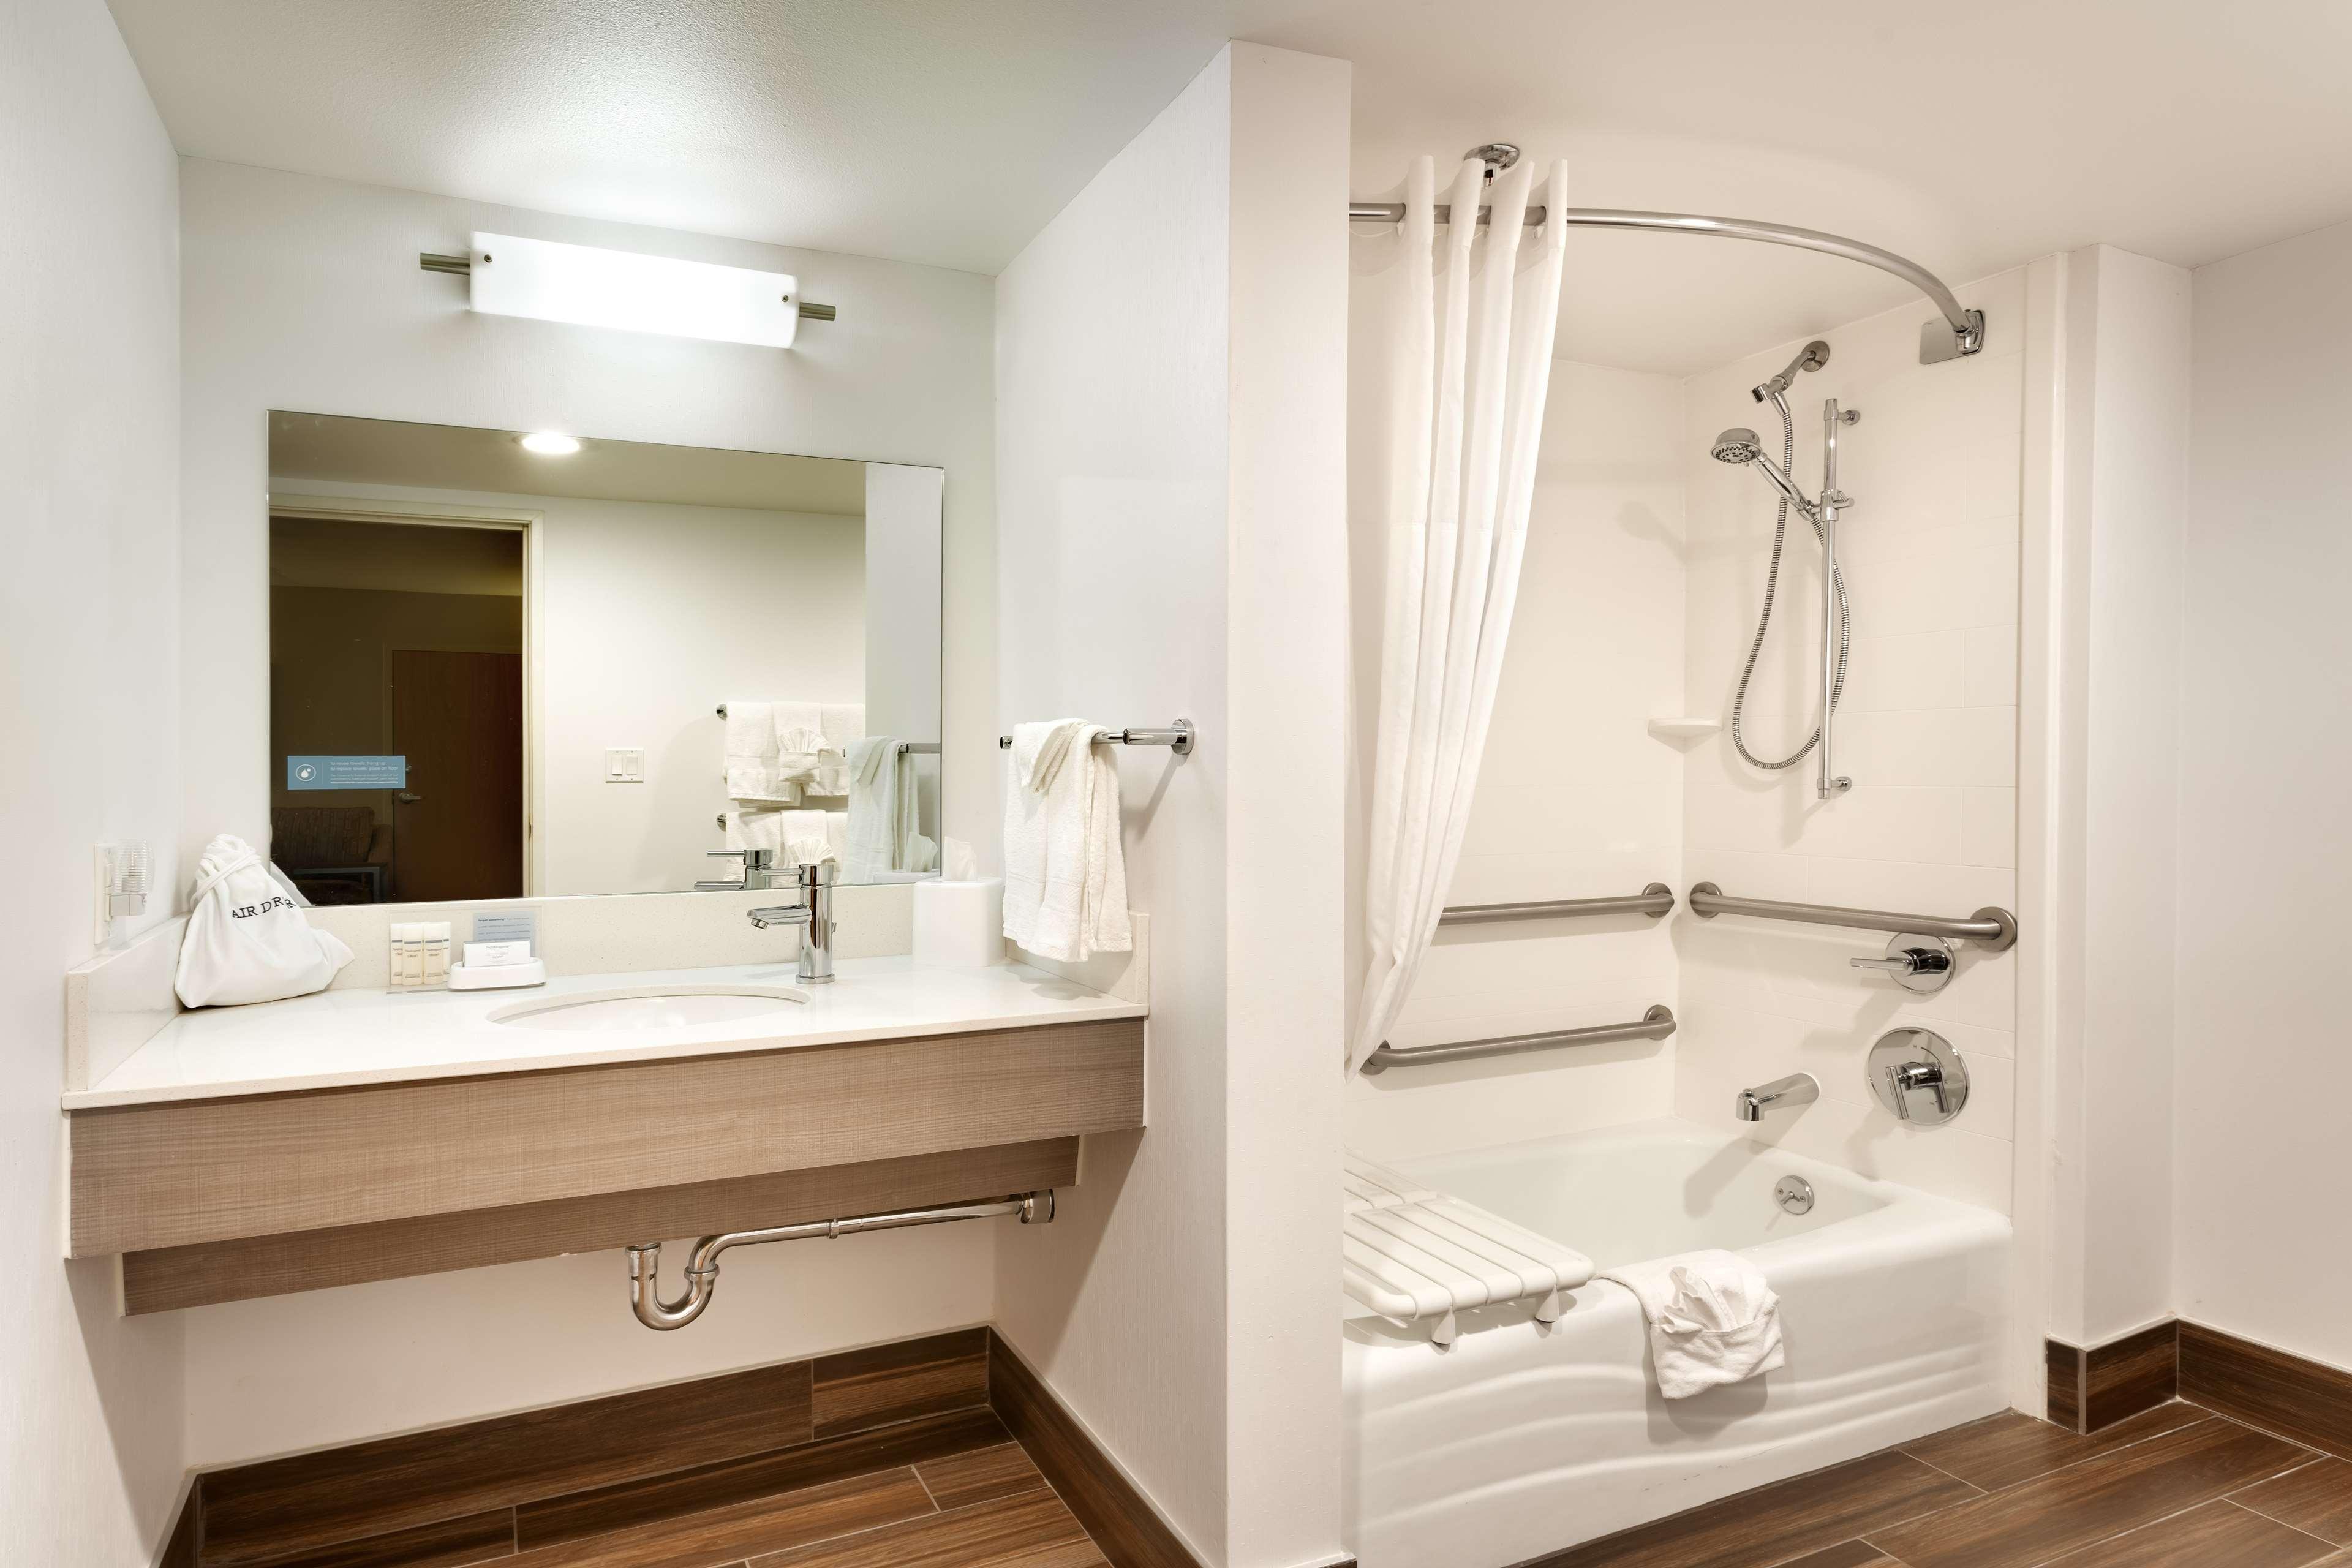 Hampton Inn & Suites Orem image 16